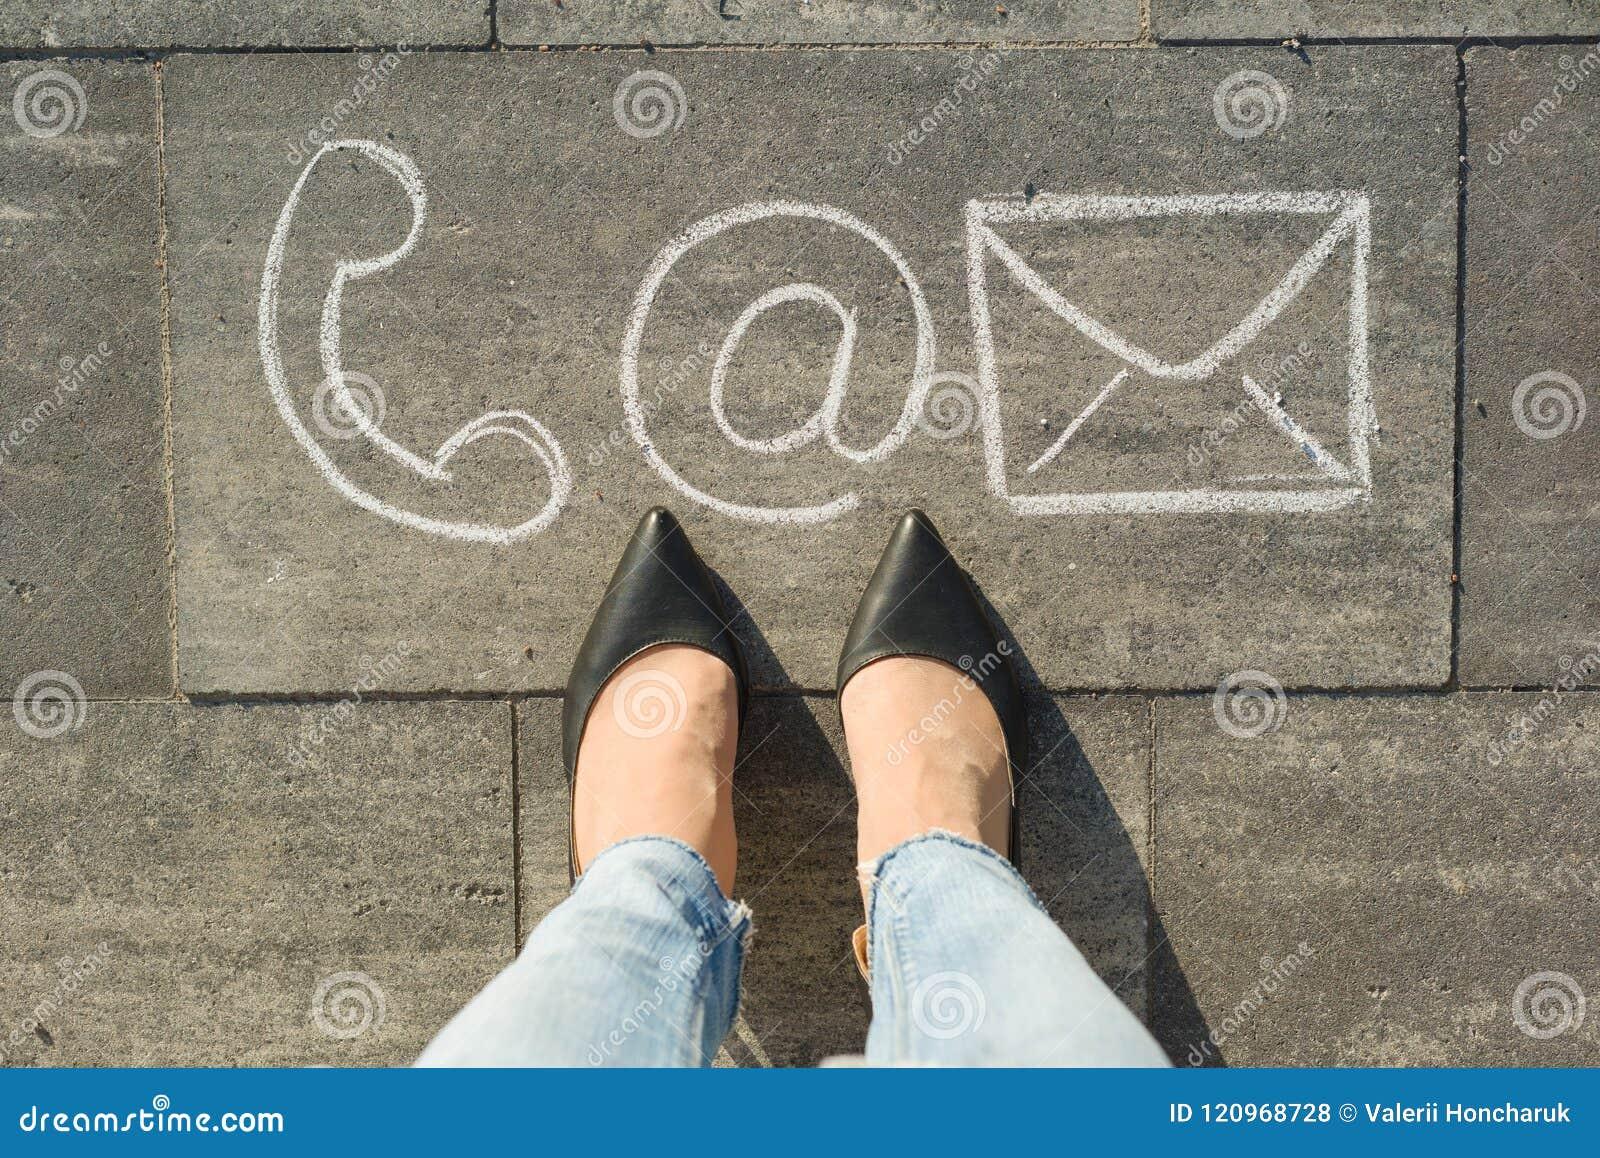 与联络标志的女性脚给邮件和信件打电话,写在灰色边路,通信或与我们联系概念